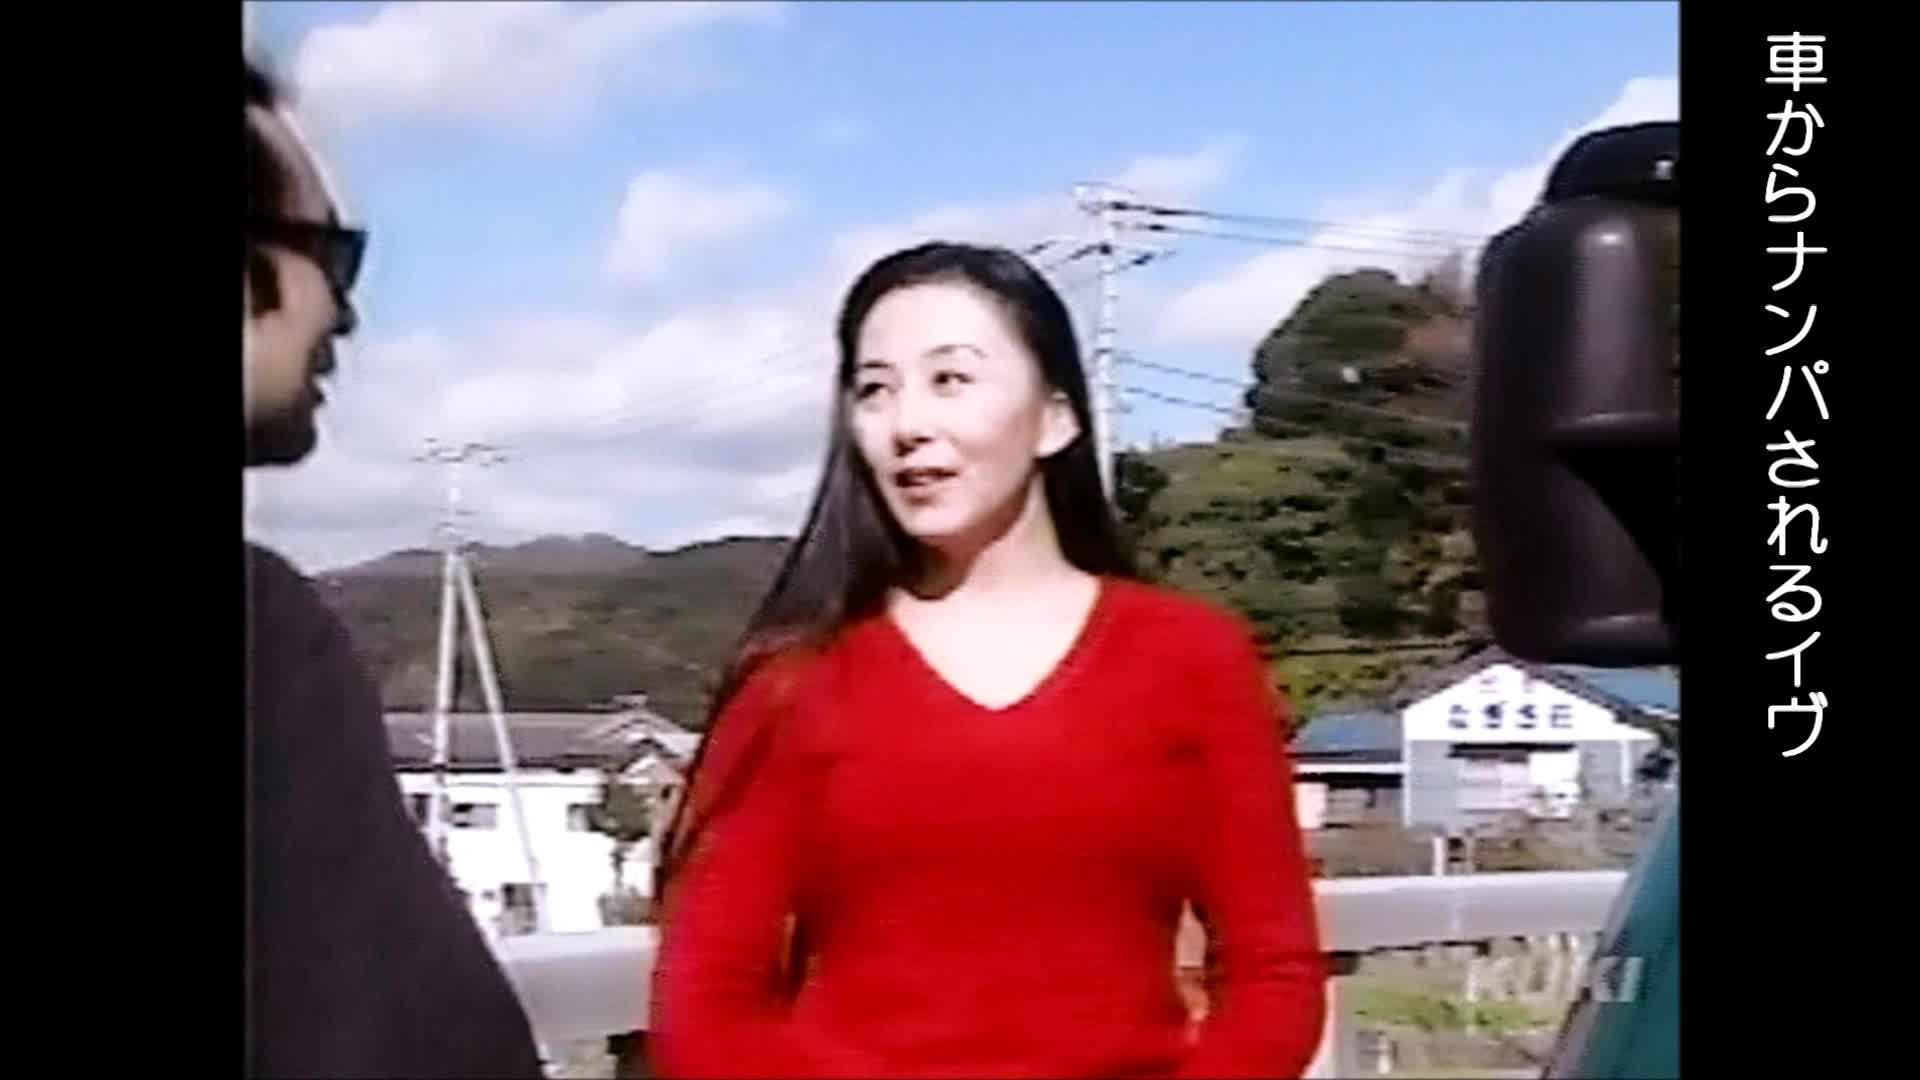 イヴ アダルトビデオ 「未亡人ペンション」 D版 前編